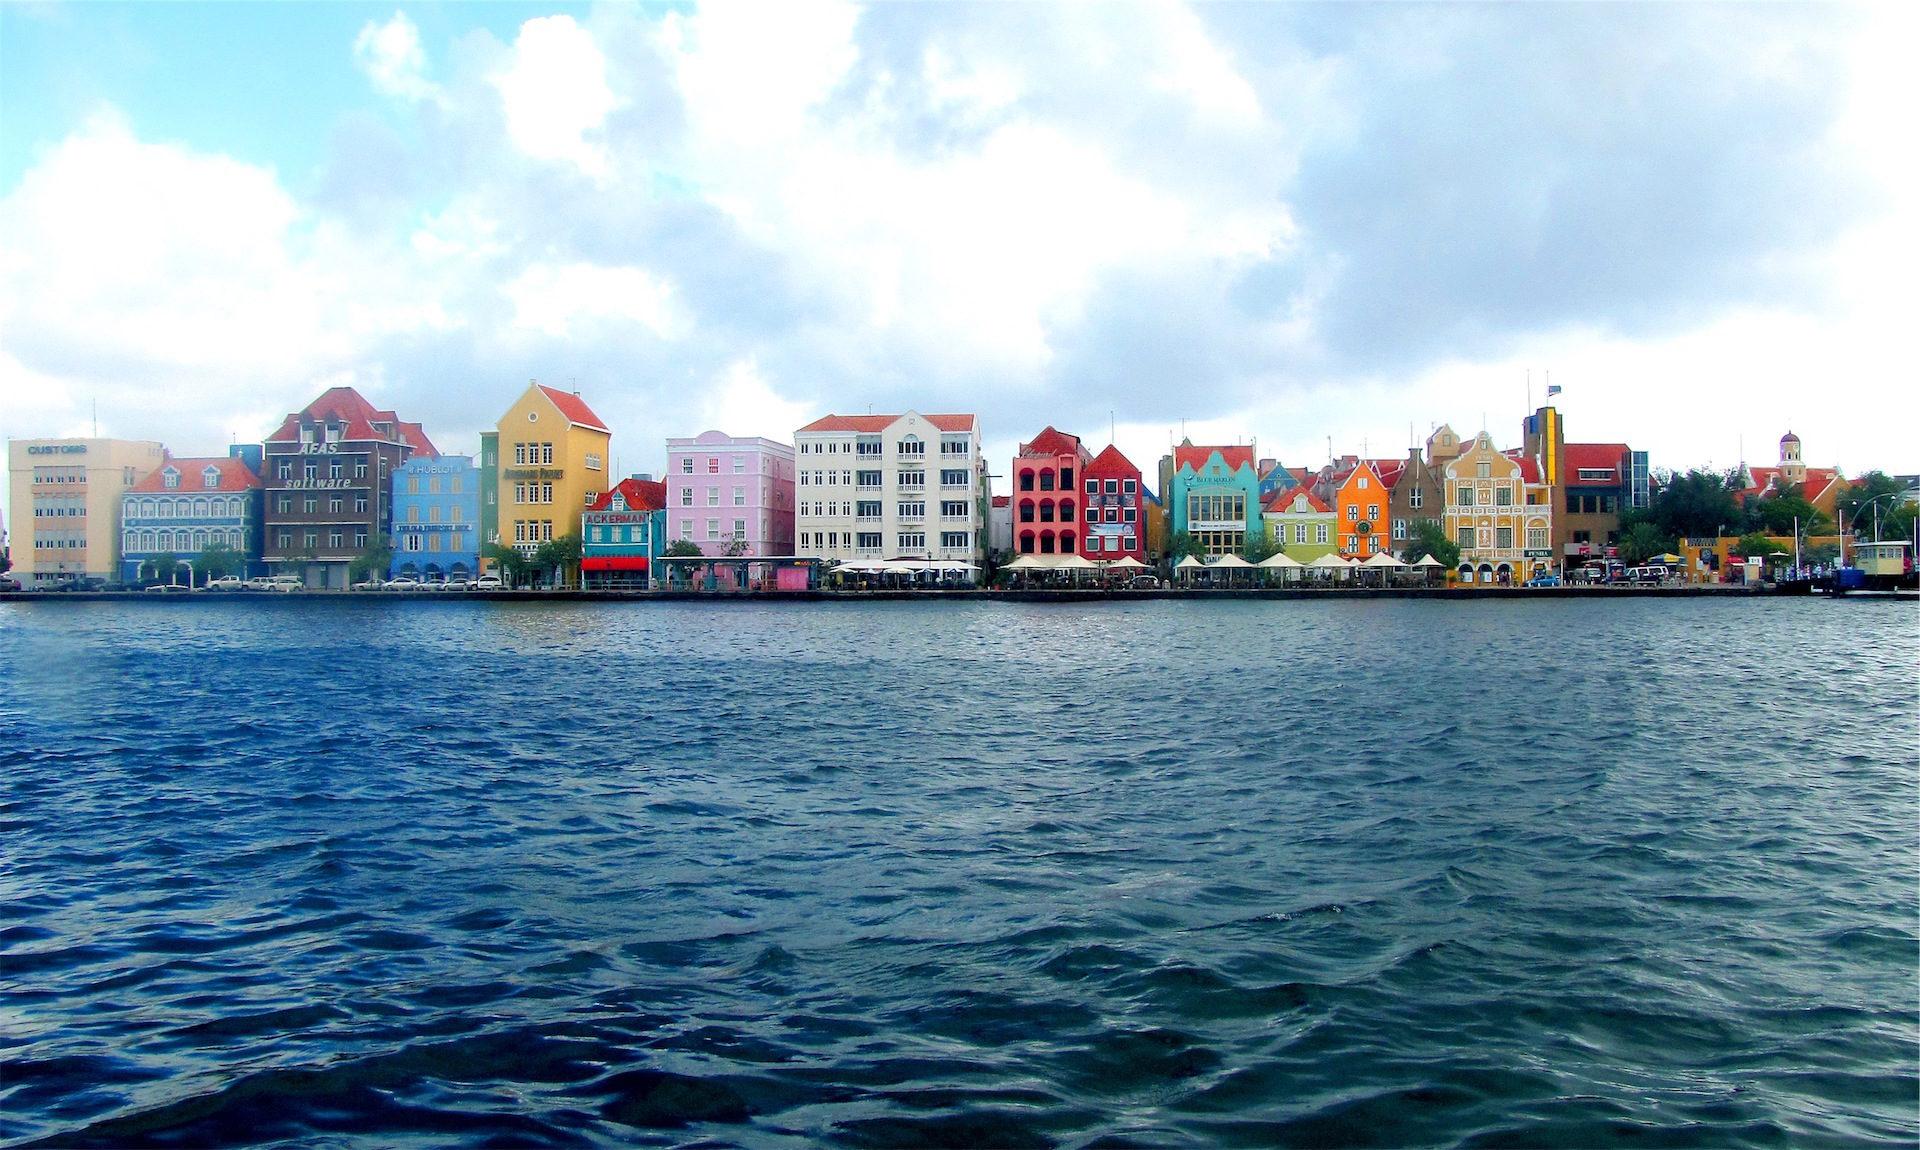 Ville, maisons, couleurs, eau, Sky - Fonds d'écran HD - Professor-falken.com